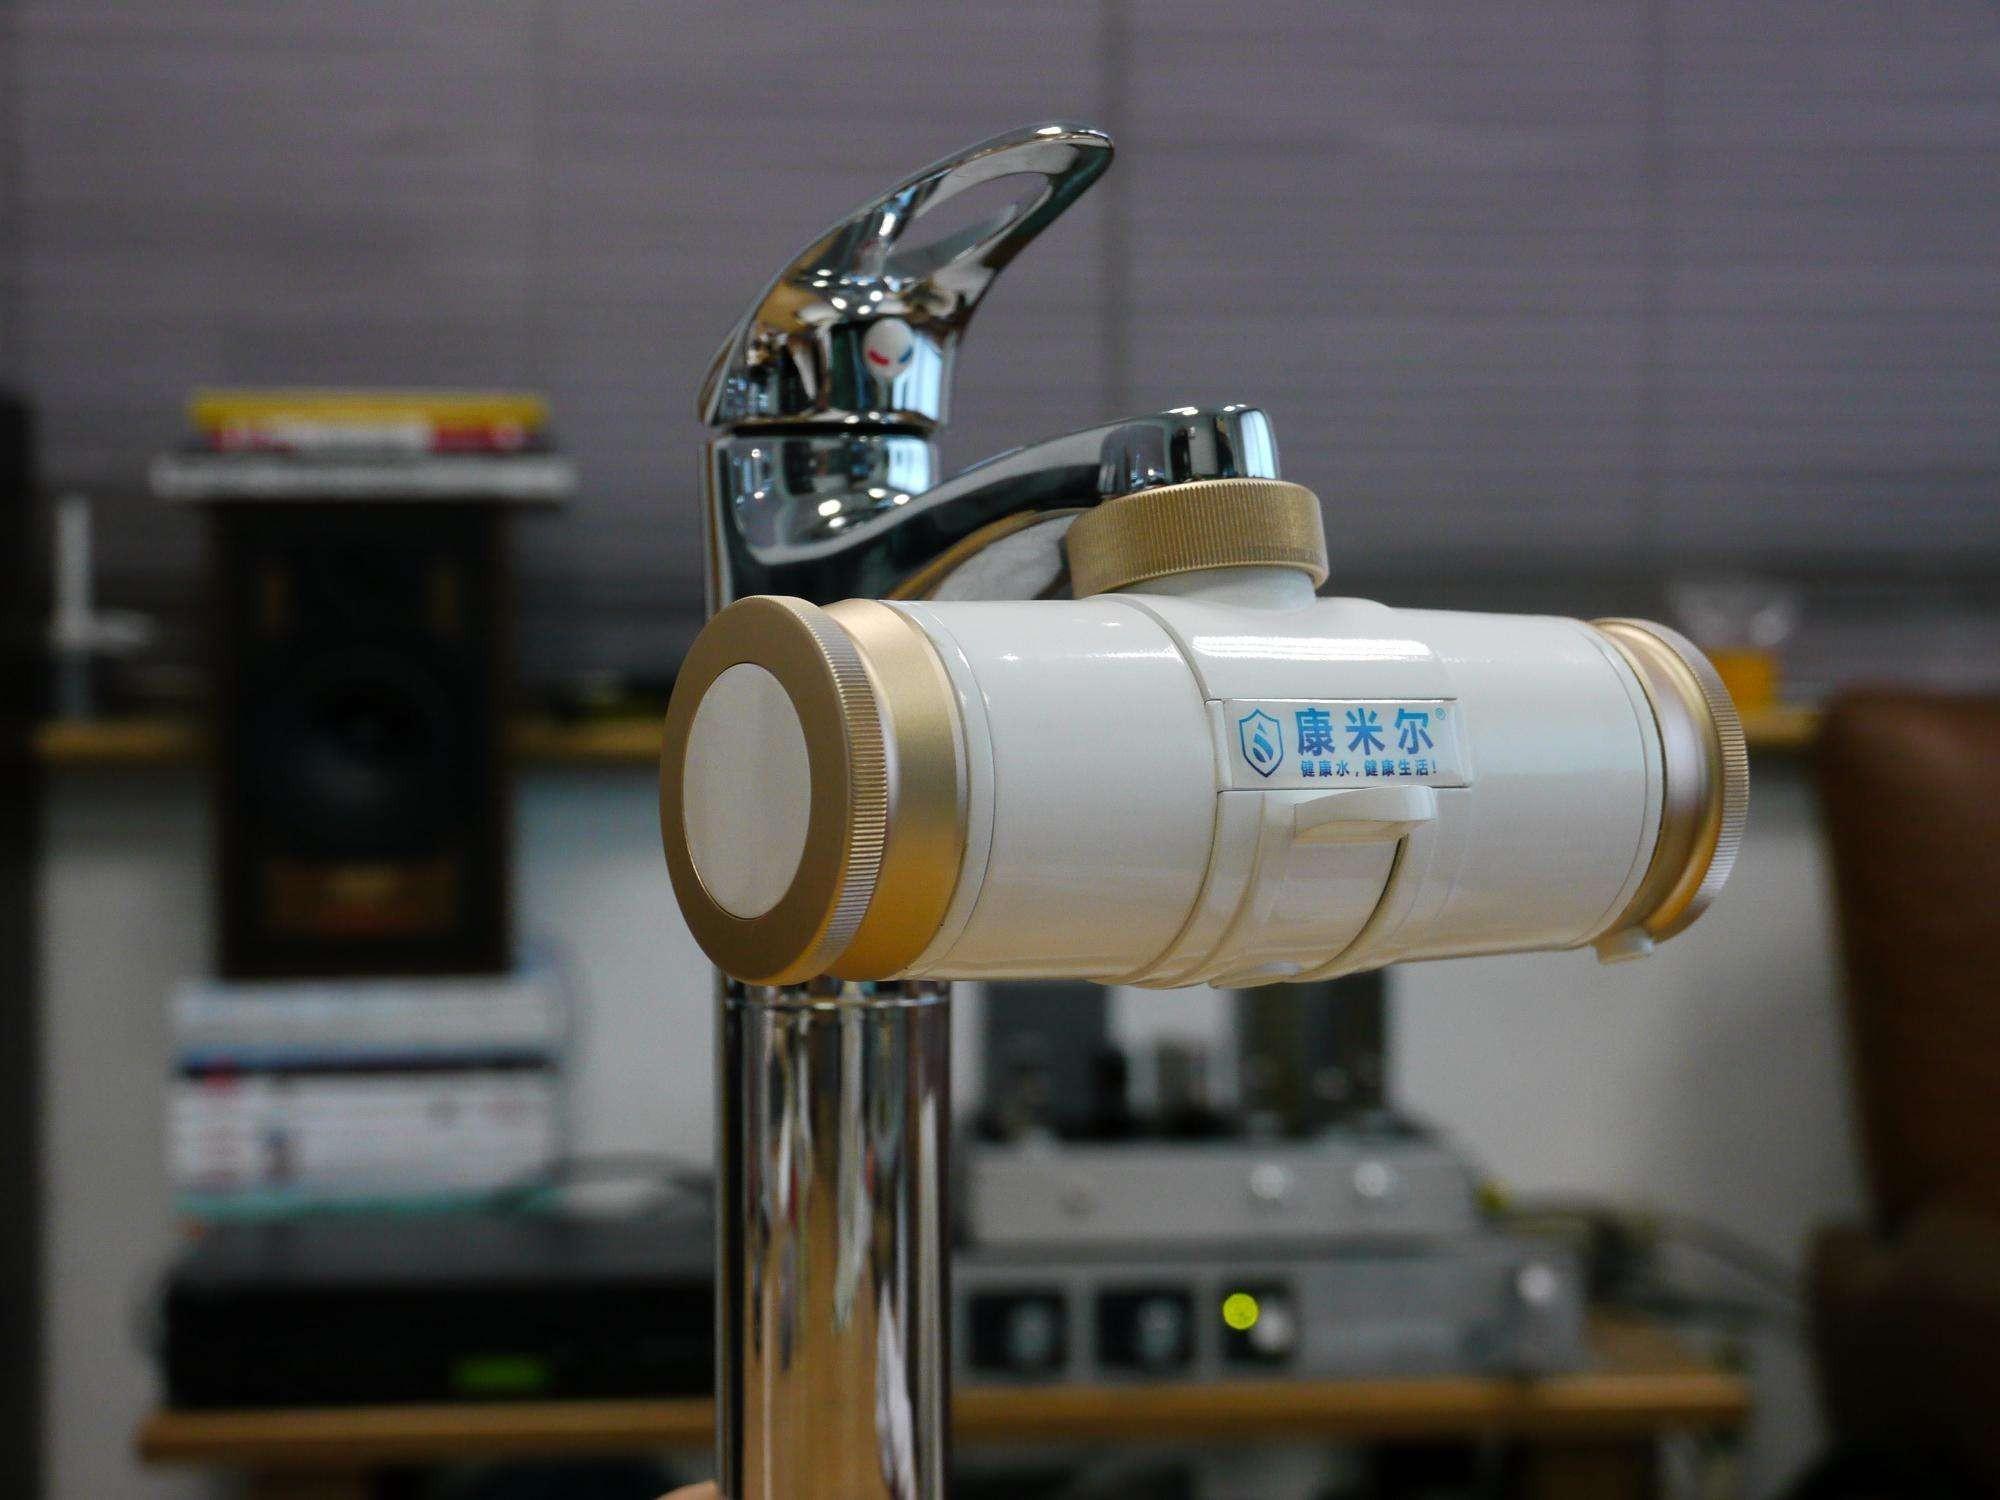 武汉净水器龙头—挑选净水器龙头的方法介绍